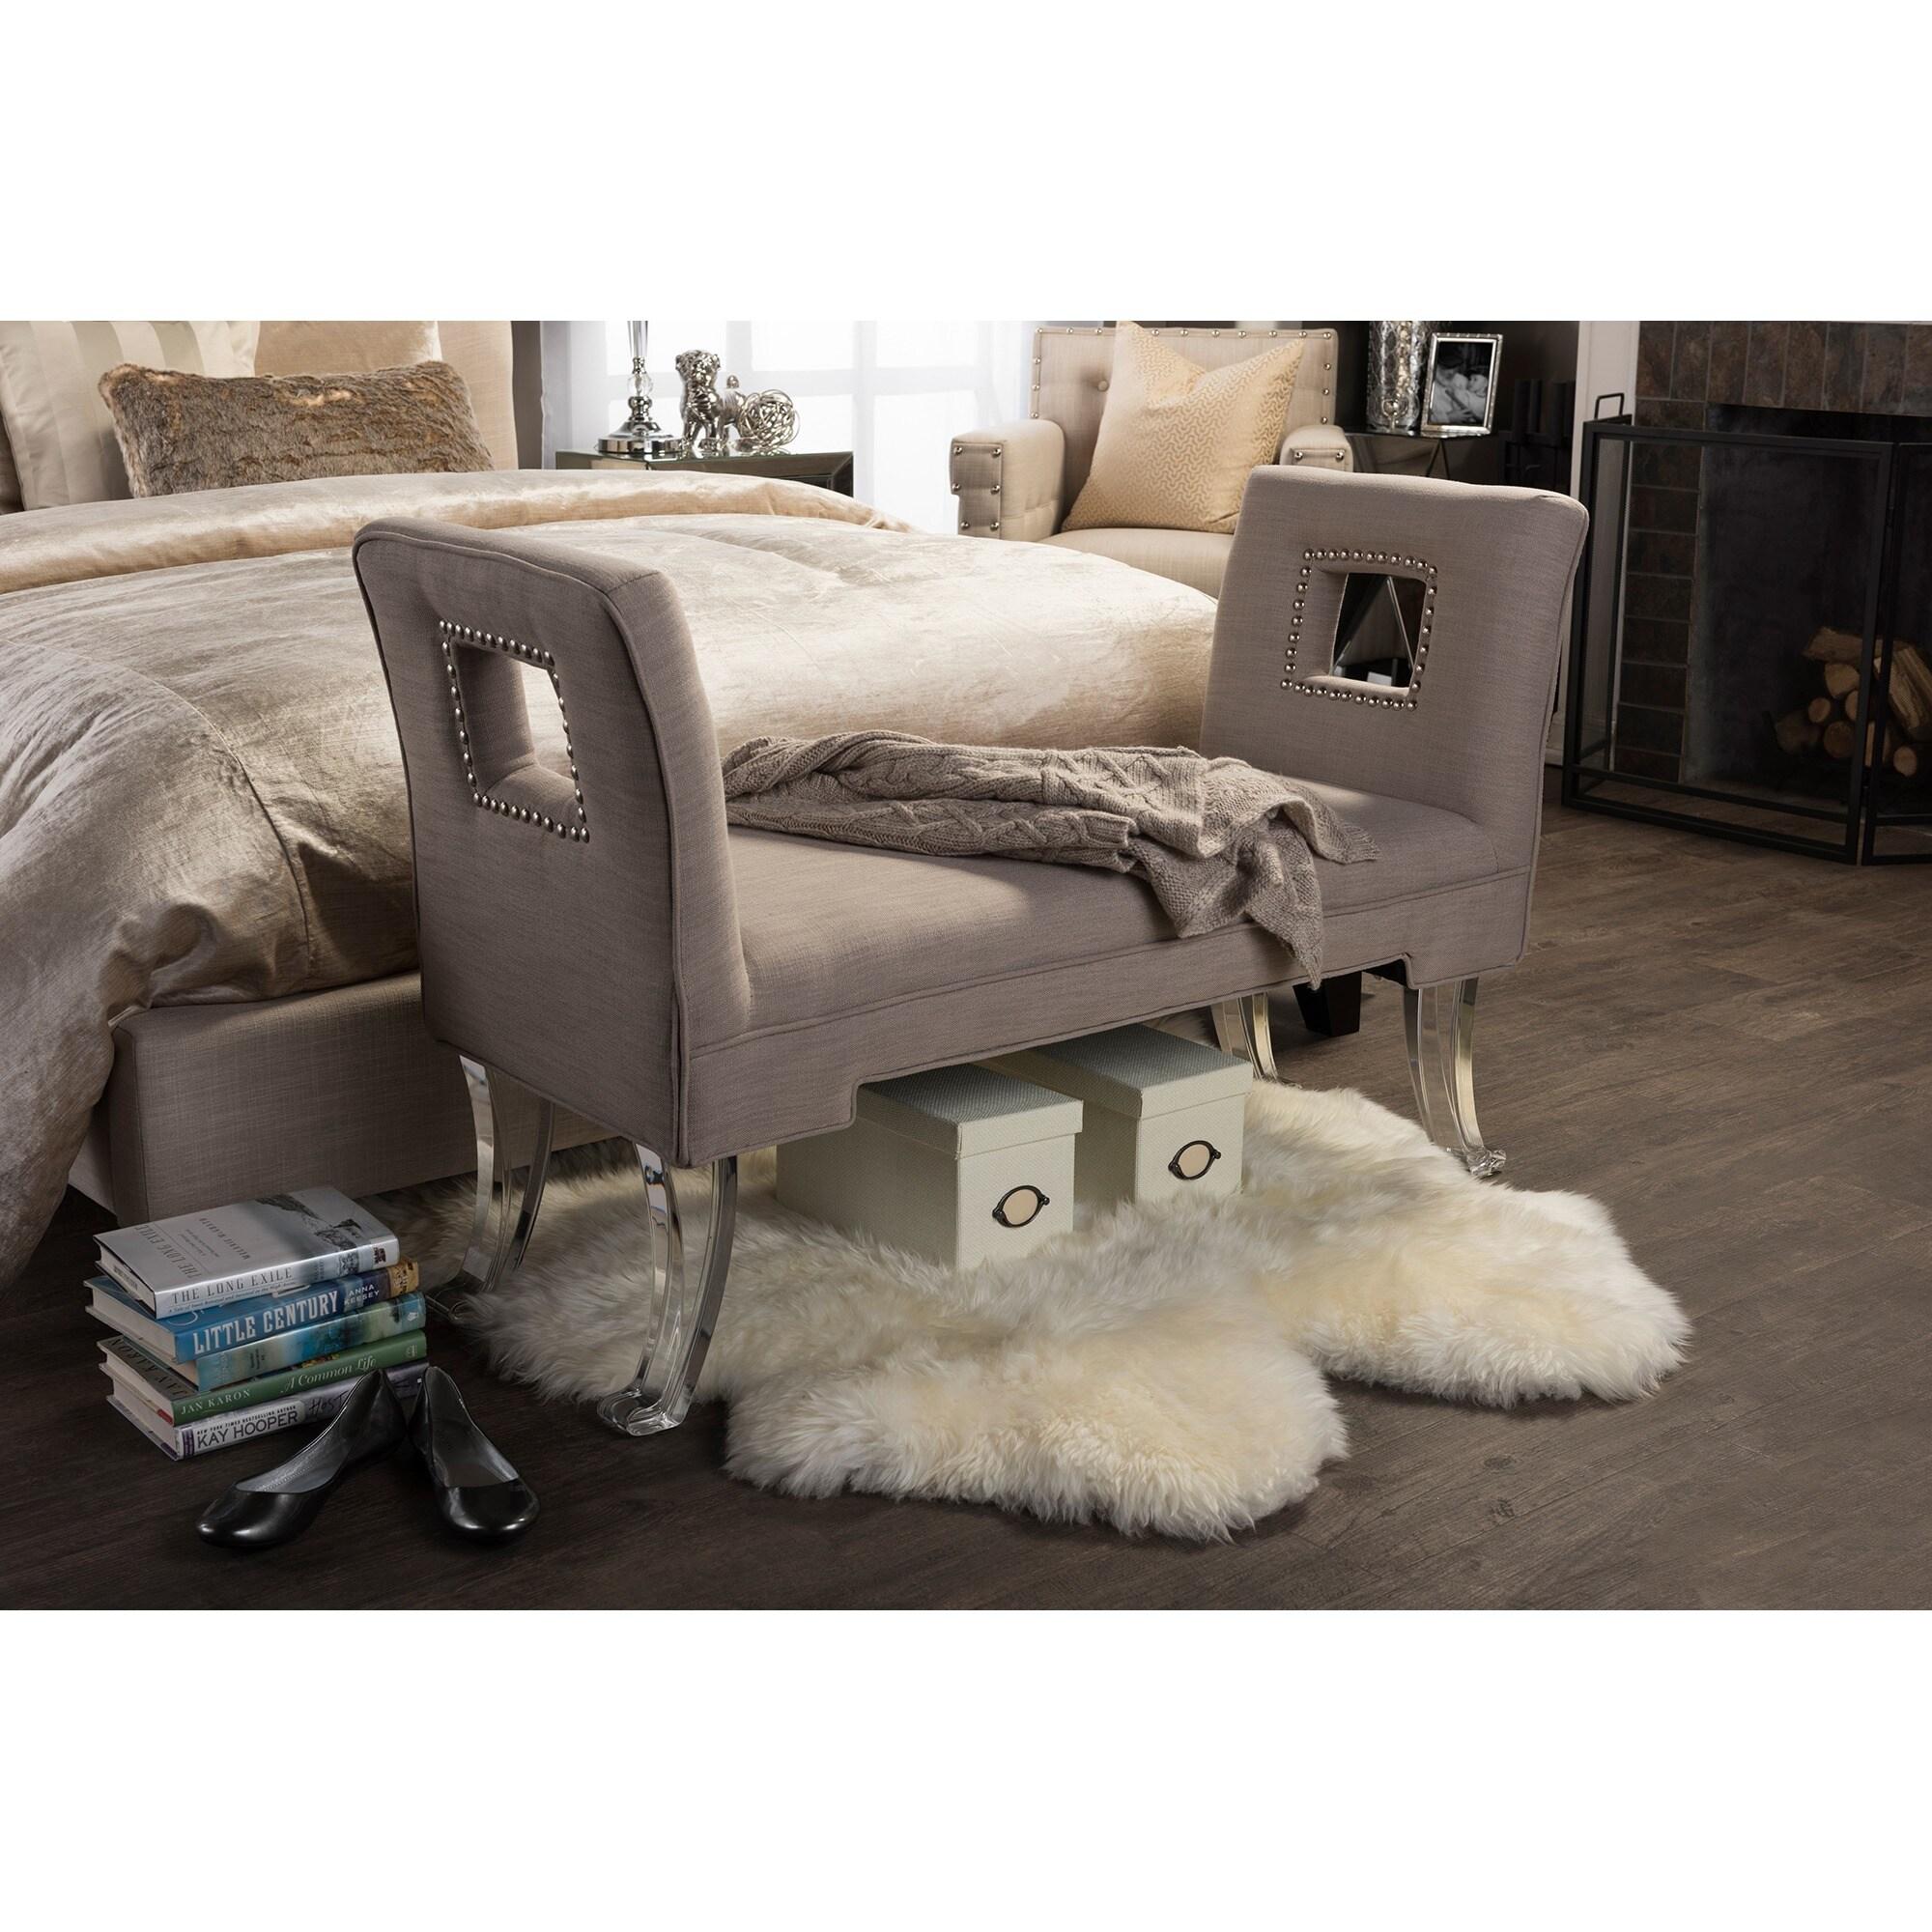 Baxton Studio Bessie Contemporary Beige Linen Upholstered...